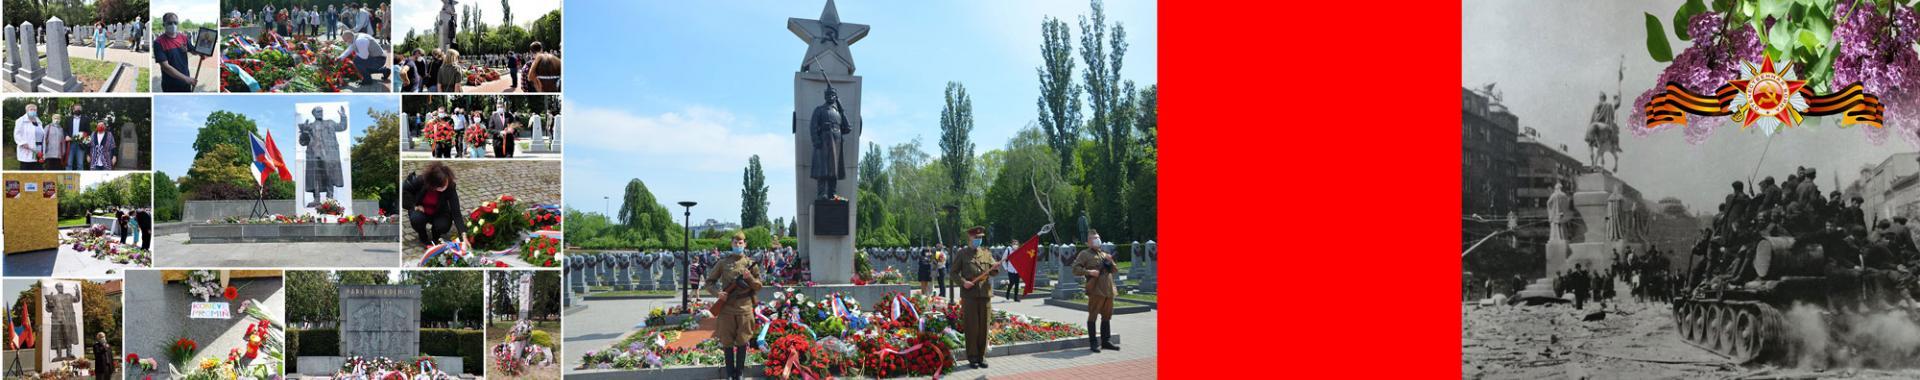 2. světová válka, osvobození prahy, osvobození, olšany, rudá armáda, ksčm, komunisté